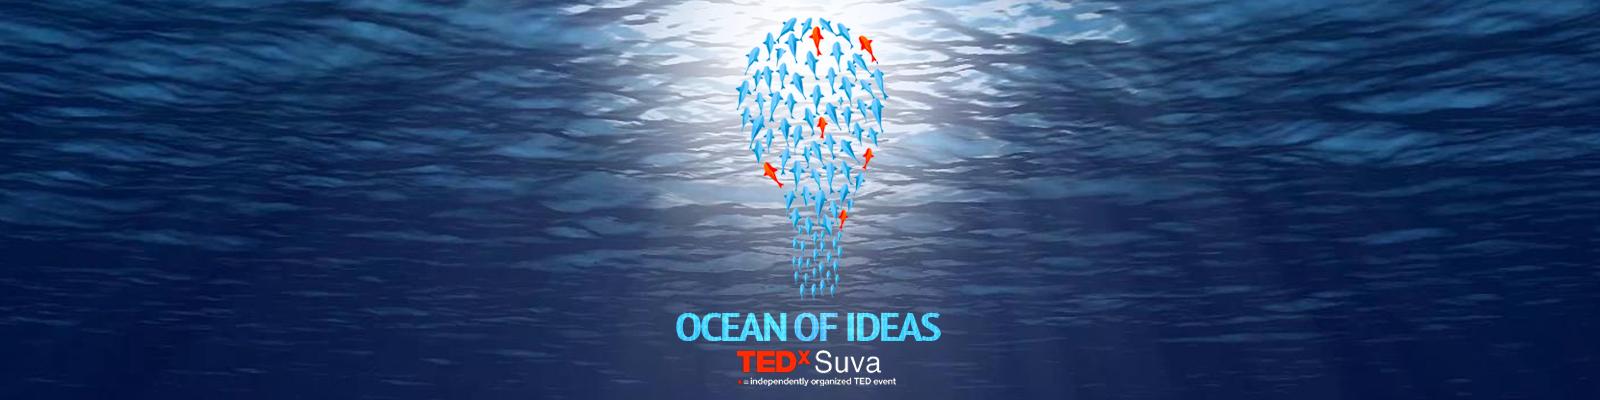 TedxSuva 2017